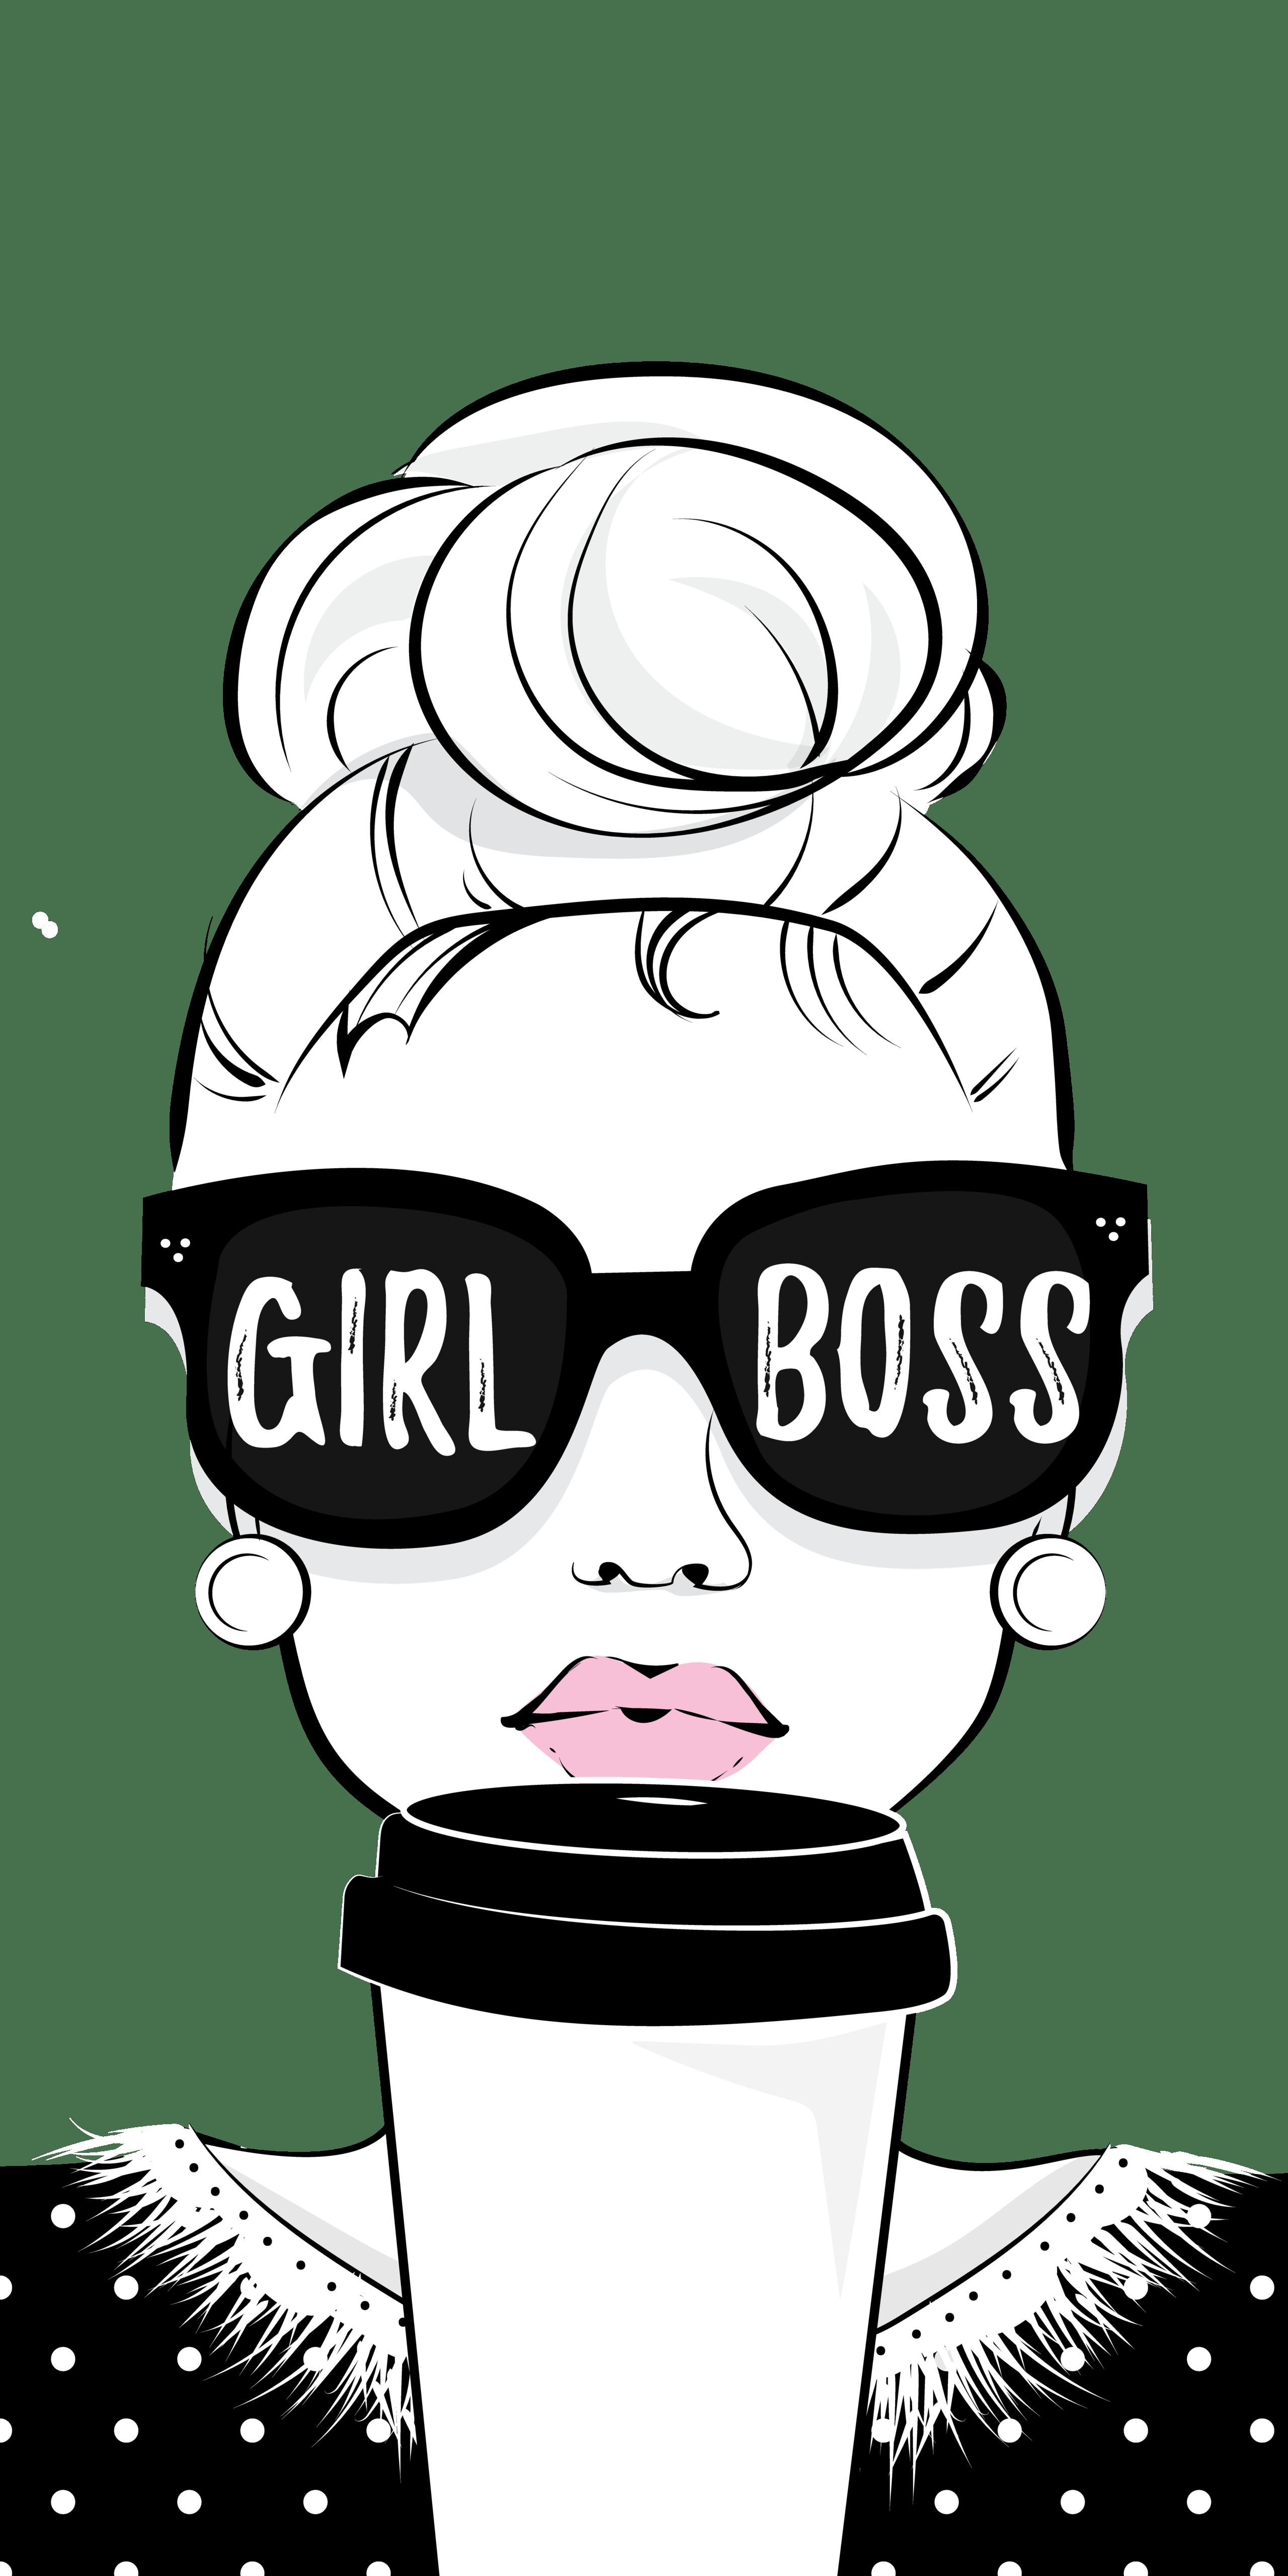 Girlboss Wallpapers Top Free Girlboss Backgrounds